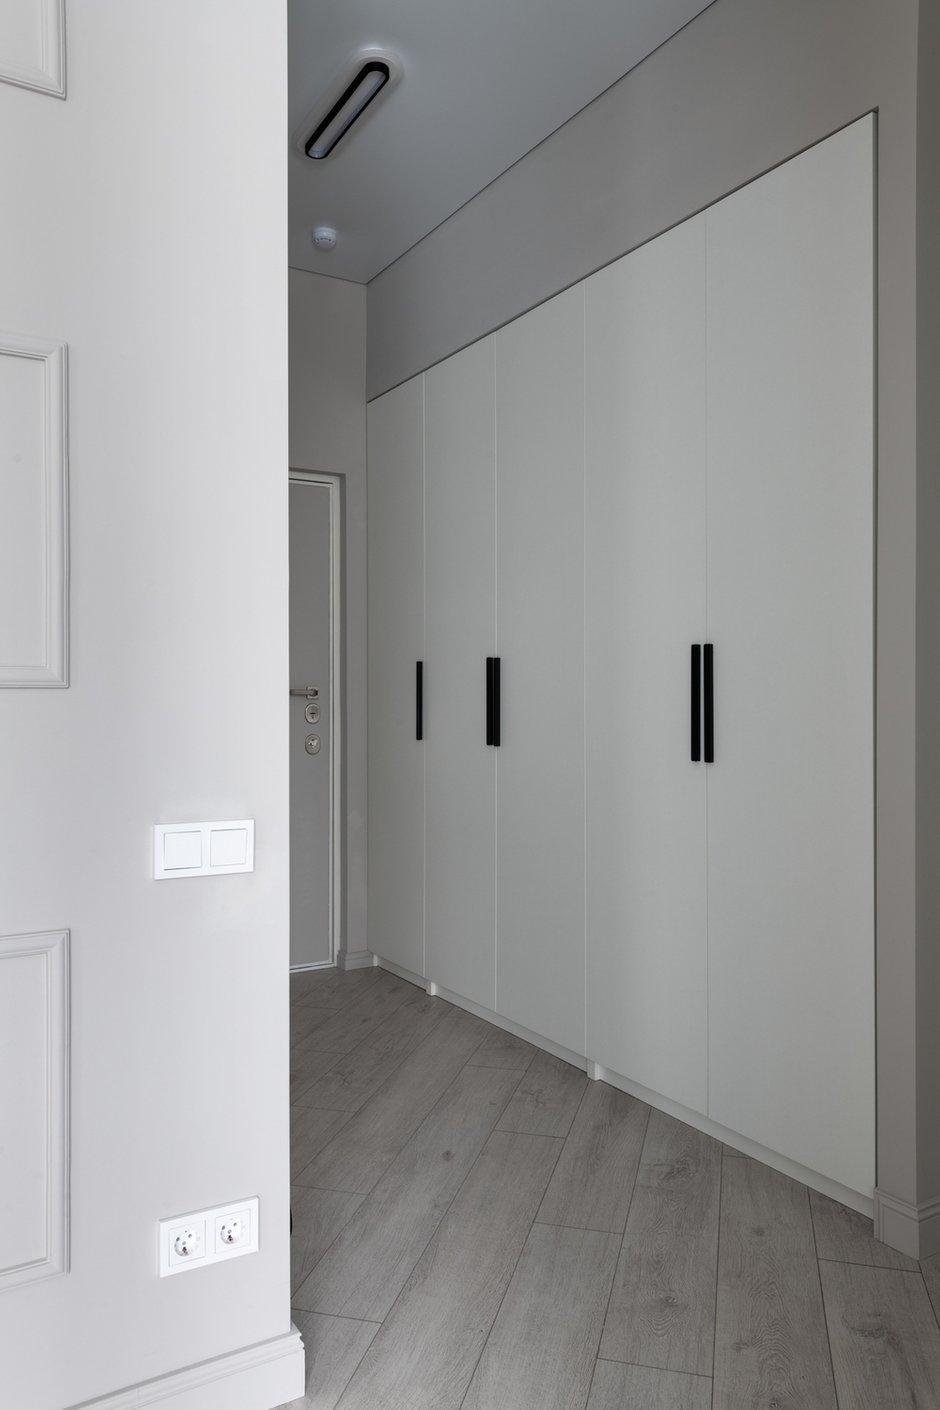 В коридоре в нишу встроен стандартный шкаф ИКЕА ПАКС, это позволило сэкономить на системах хранения.